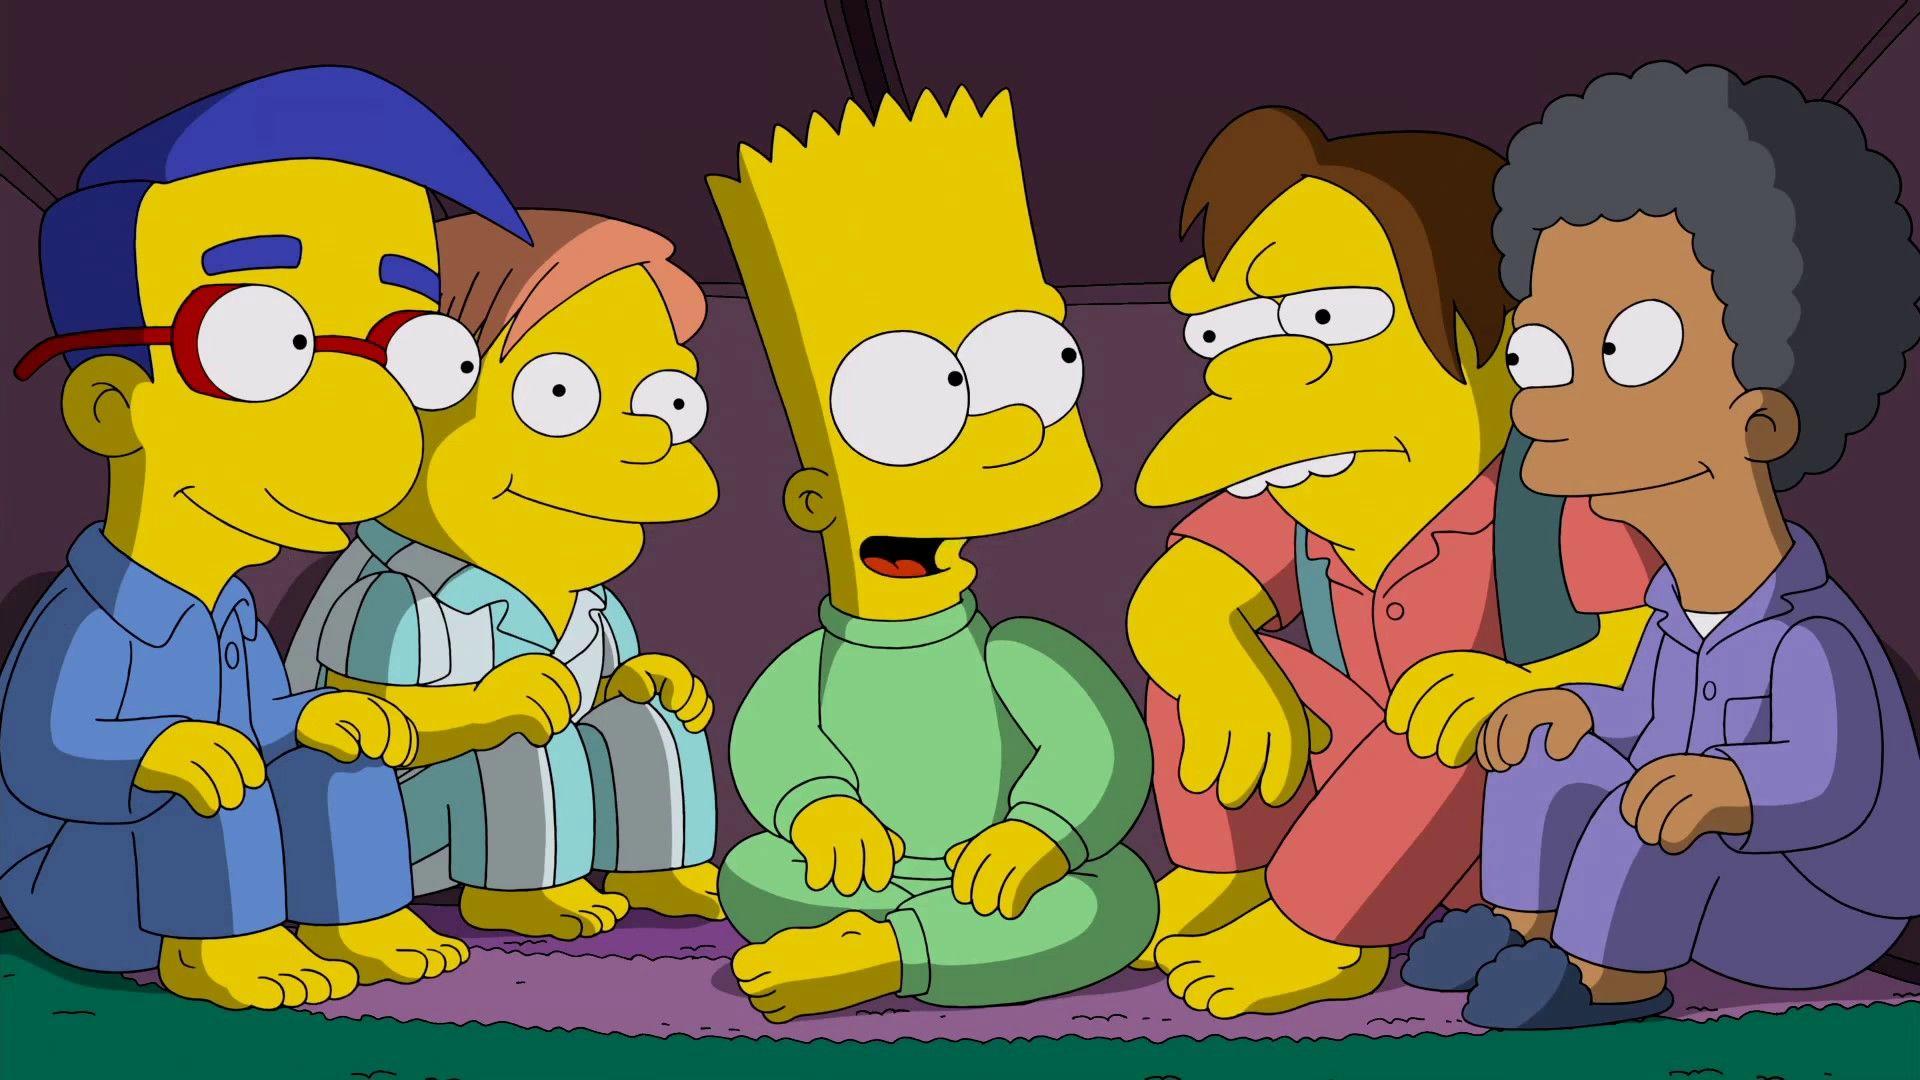 Milhouse Van Houten In 2020 The Simpsons Movie Milhouse Van Houten Milhouse